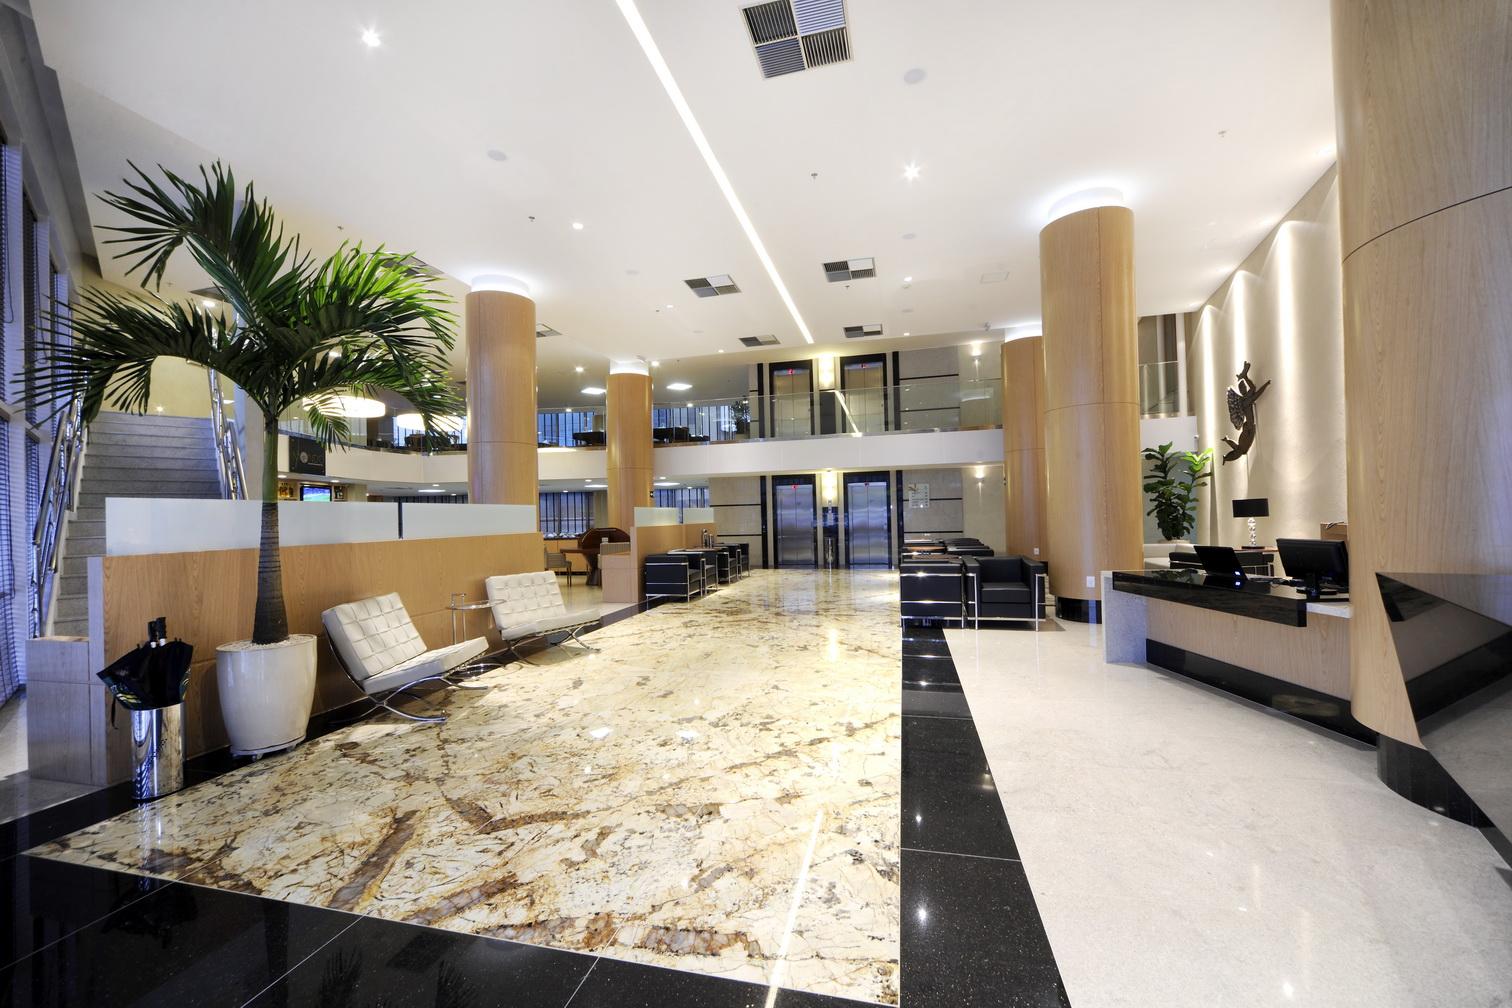 Quality Hotel Aeroporto Vitória conta com banheiros adaptados  #8A6D41 1512x1008 Banheiro Adaptado Com Chuveiro